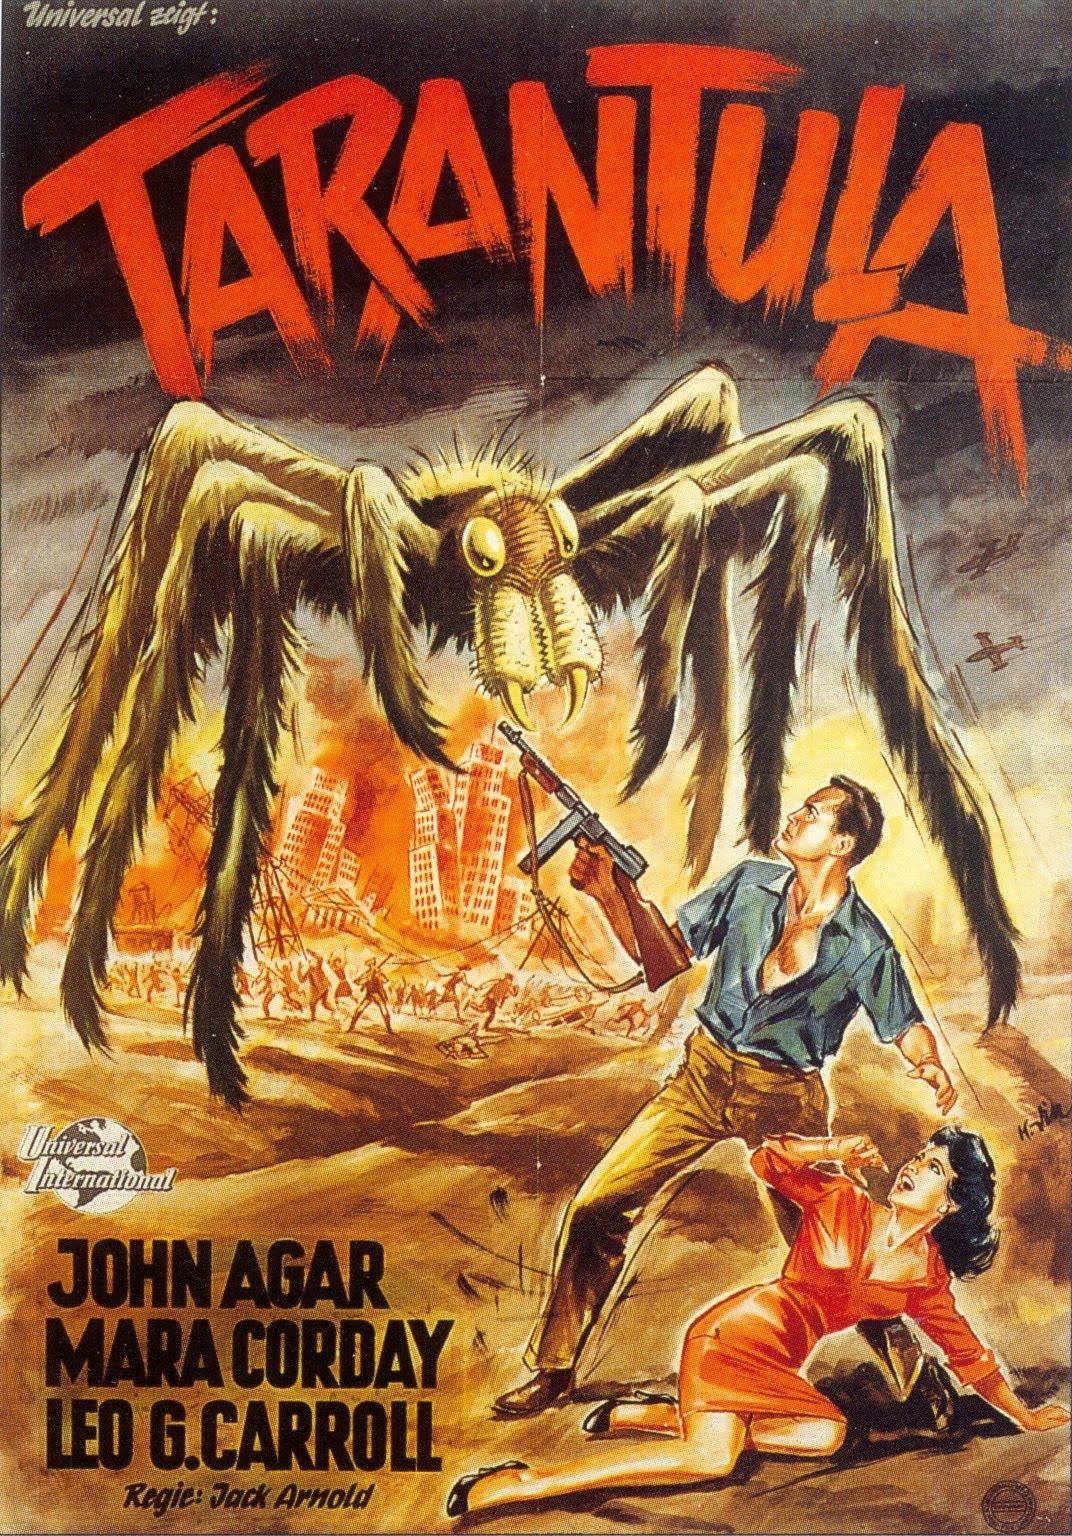 http://1.bp.blogspot.com/_mLs4l9YY9dY/TBh3e3krVjI/AAAAAAAAAYw/IHwgj6euPW8/s1600/Tarantula+(Jack+Arnold,+1955)+-+8.jpg